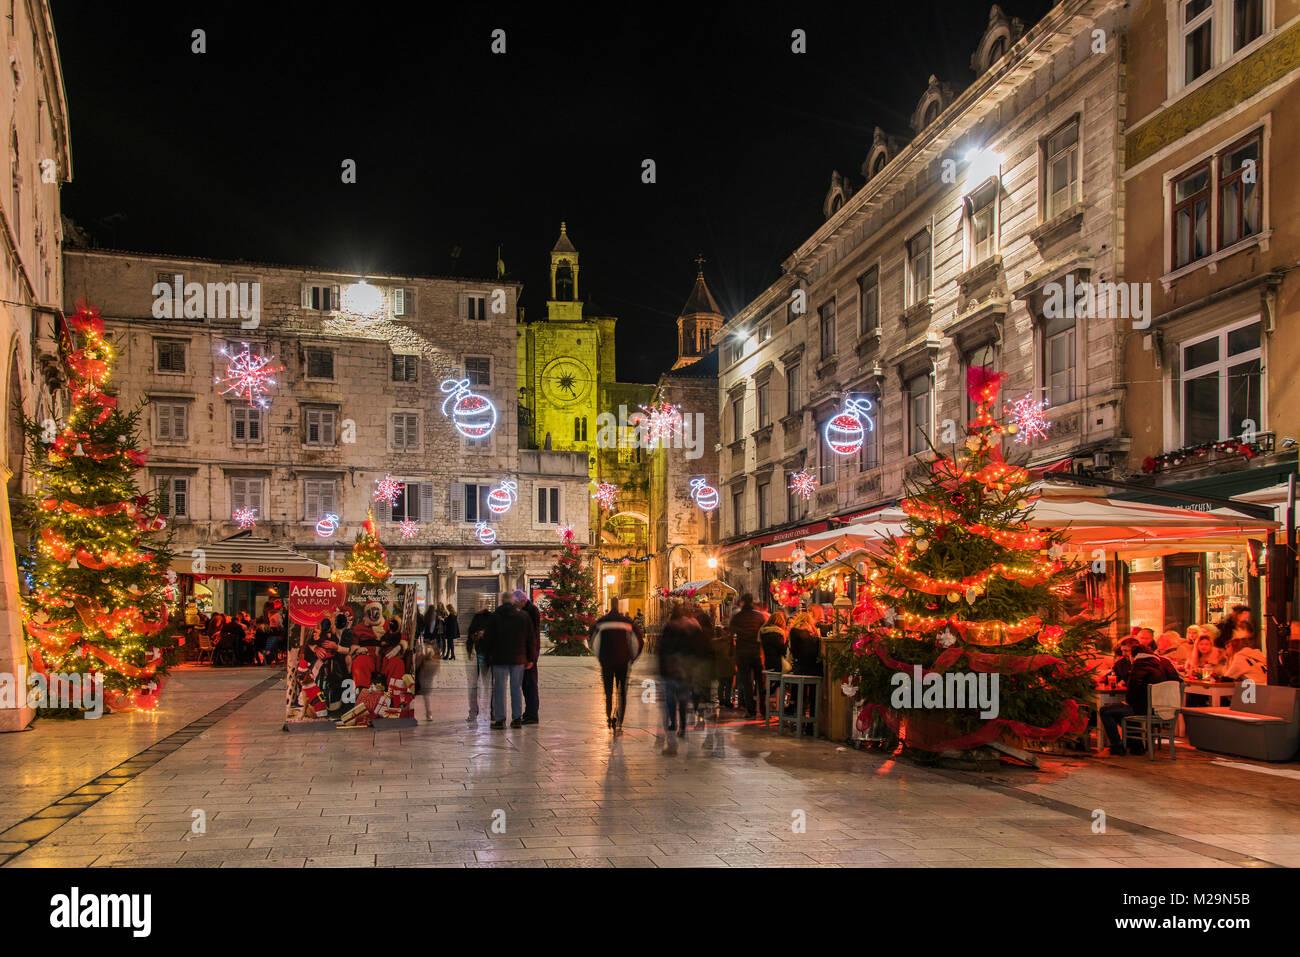 Weihnachtsbeleuchtung und Dekoration in Narodni Trg Platz, Split, Dalmatien, Kroatien Stockbild